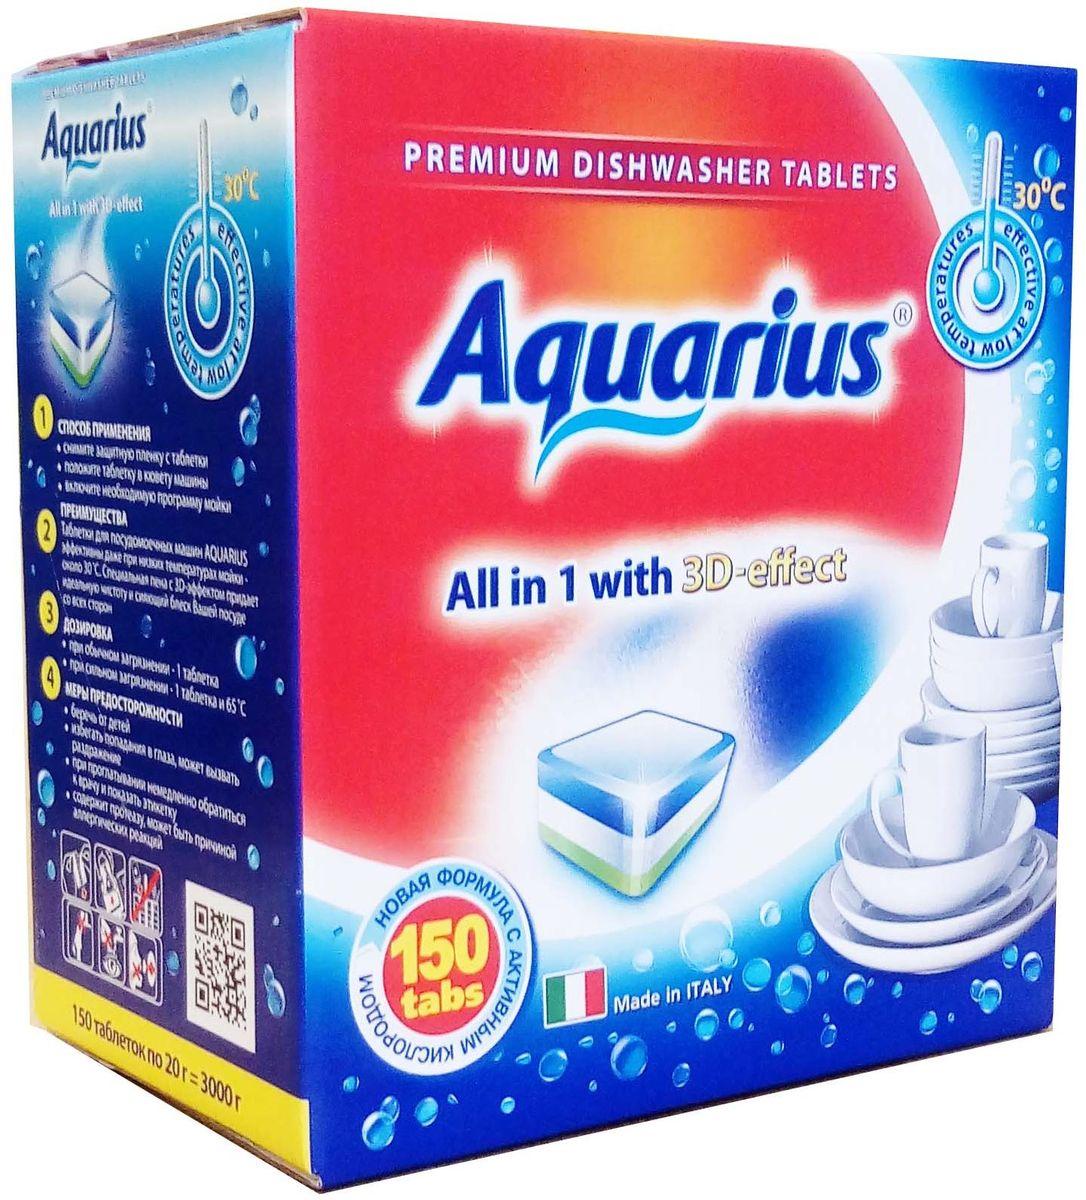 Таблетки для посудомоечных машин Aquarius All In 1, 150 шт4660002311168Таблетки для посудомоечных машин Aquarius All In 1 эффективно очищают любые загрязнения, даже застарелые. Очень экономичны в использовании, оптимальная формула состава обеспечивает прекрасный результат, практичность и экологичность применения. В наборе 150 таблеток по 20 грамм. Как выбрать качественную бытовую химию, безопасную для природы и людей. Статья OZON Гид Рекомендуем!